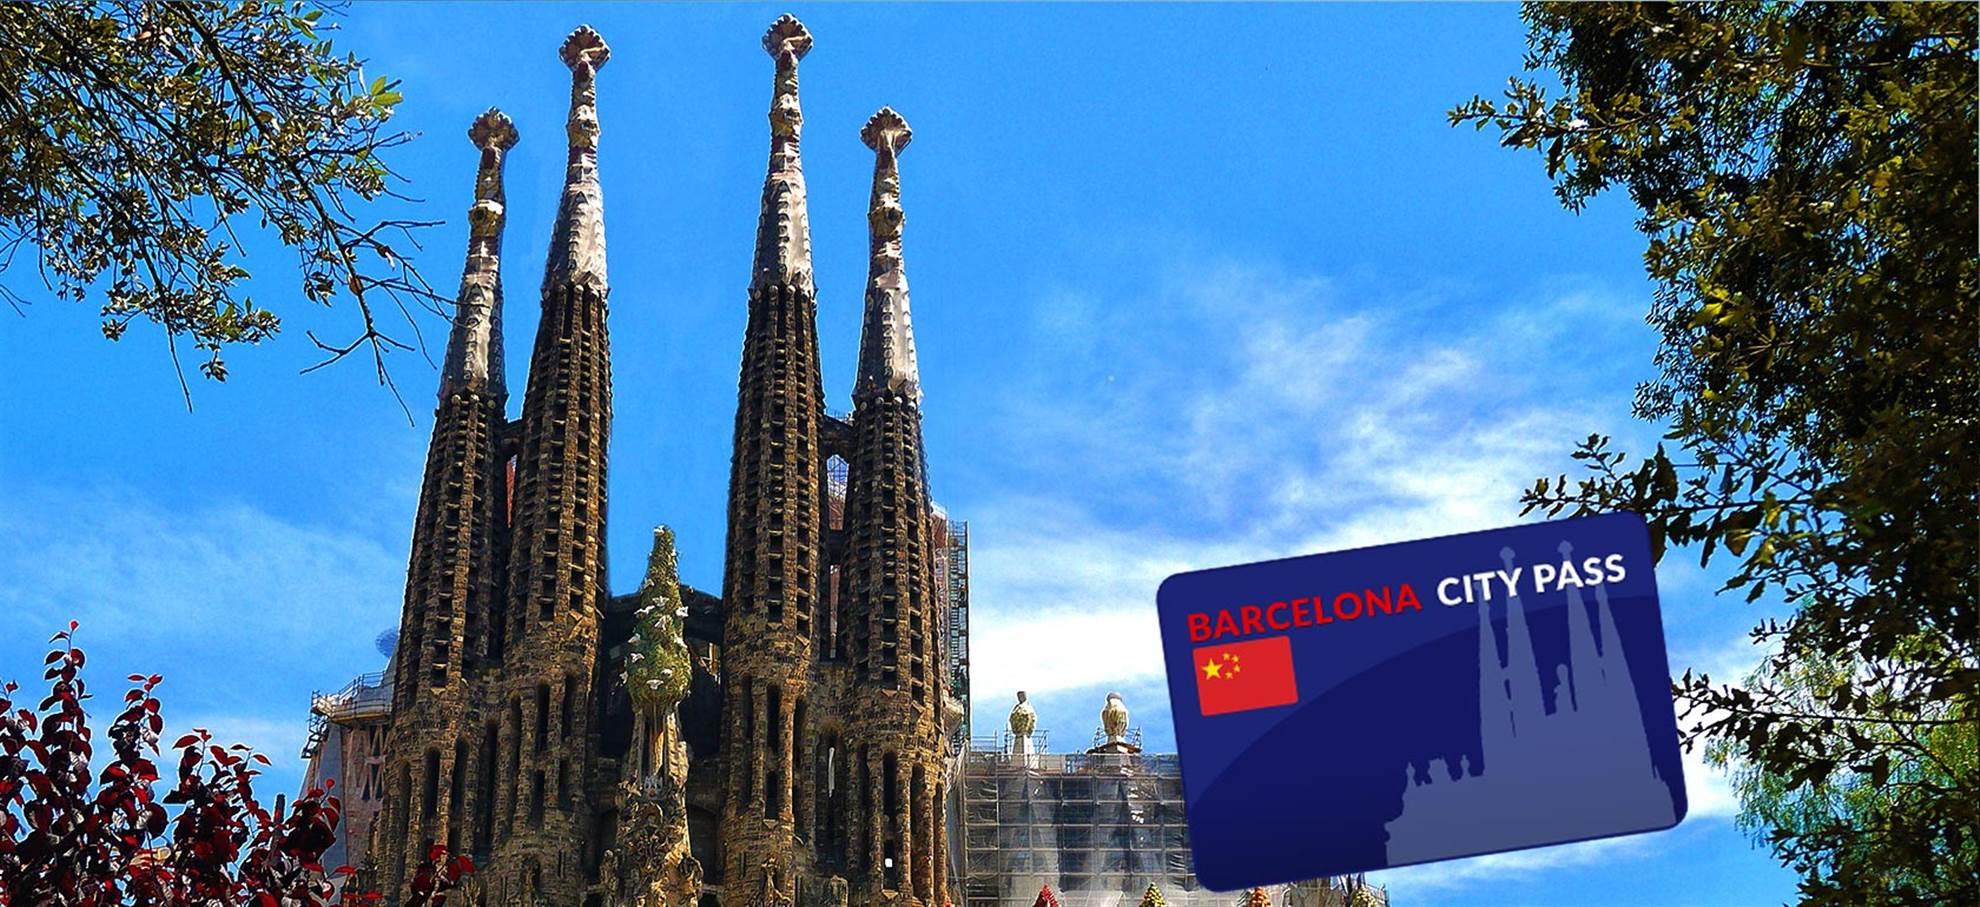 巴塞罗那一卡通-中国游客特供(包括圣家族大教堂,古埃尔公园等)